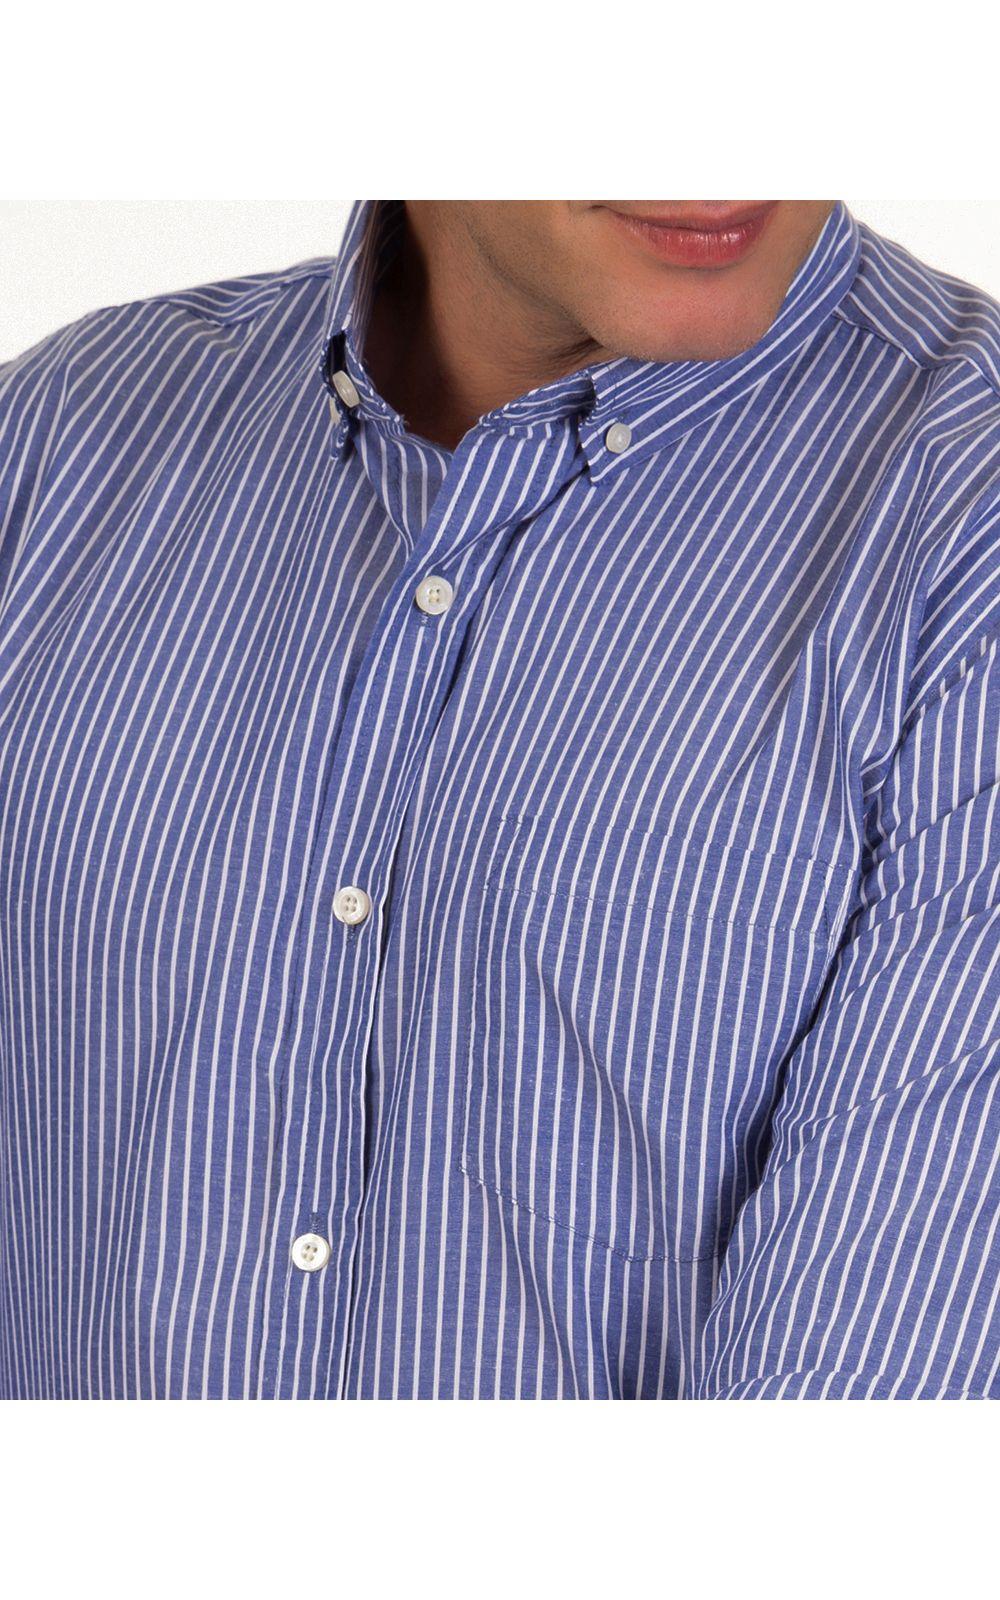 Foto 3 - Camisa Social Masculina Azul Escuro Listrada